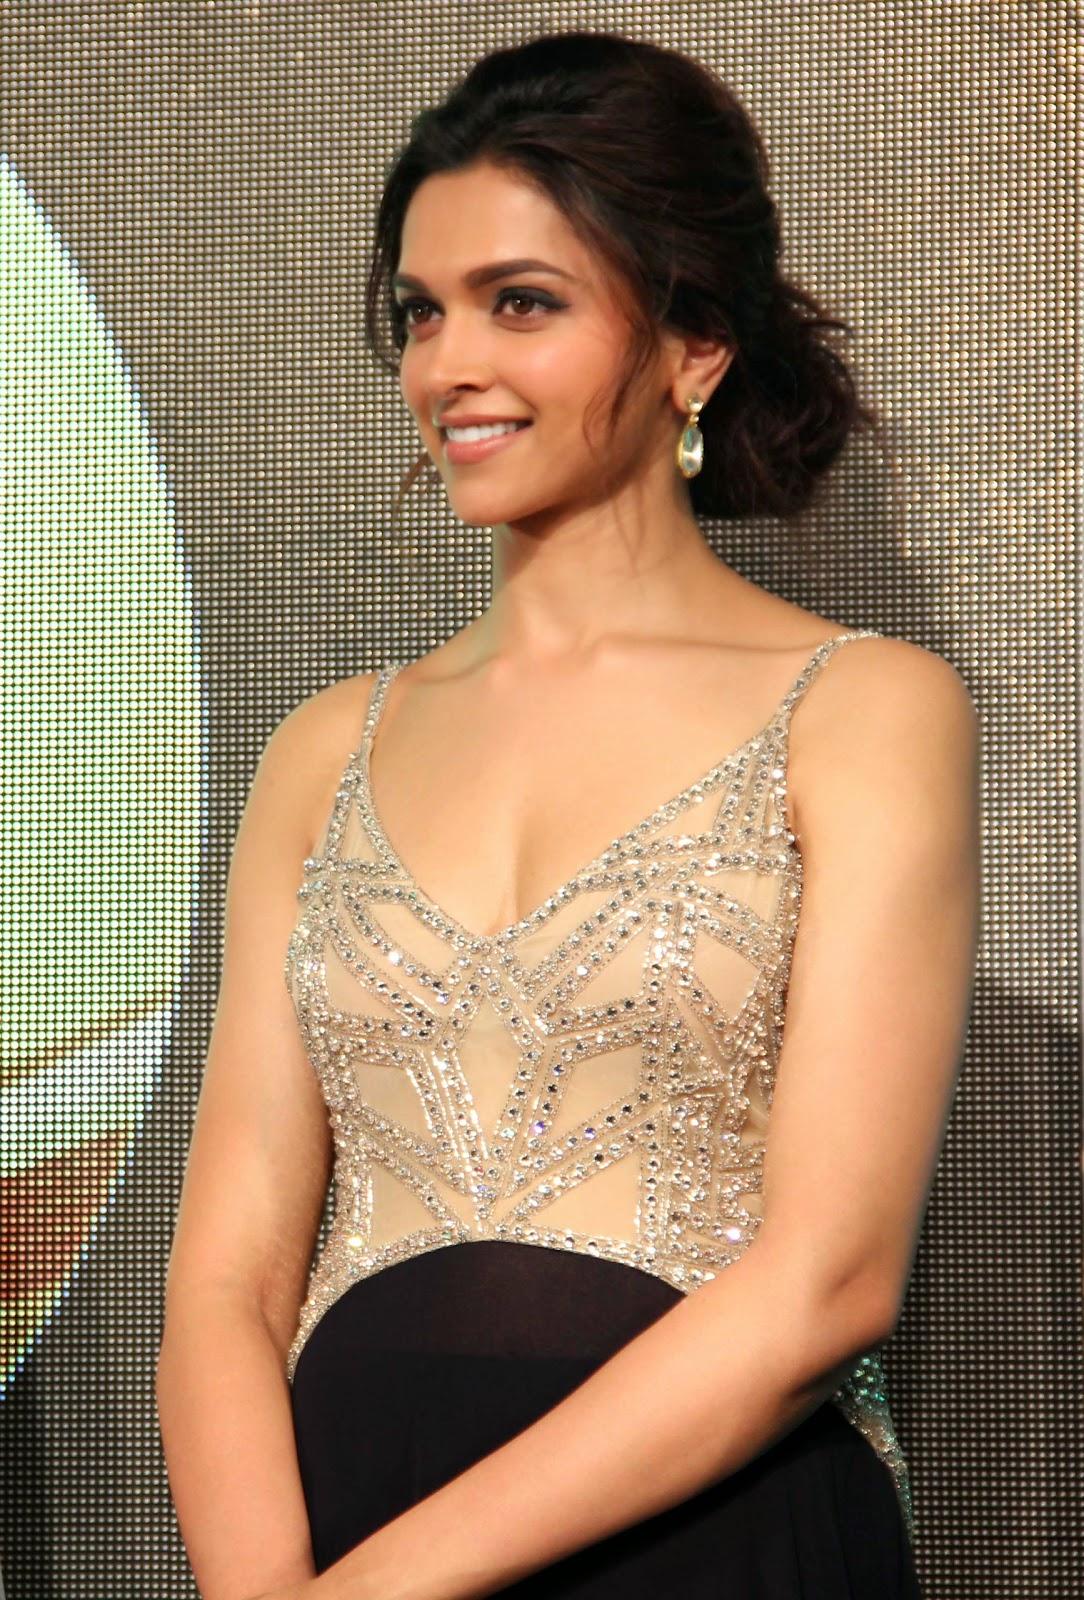 Bollywood Actress: Deepika Padukone